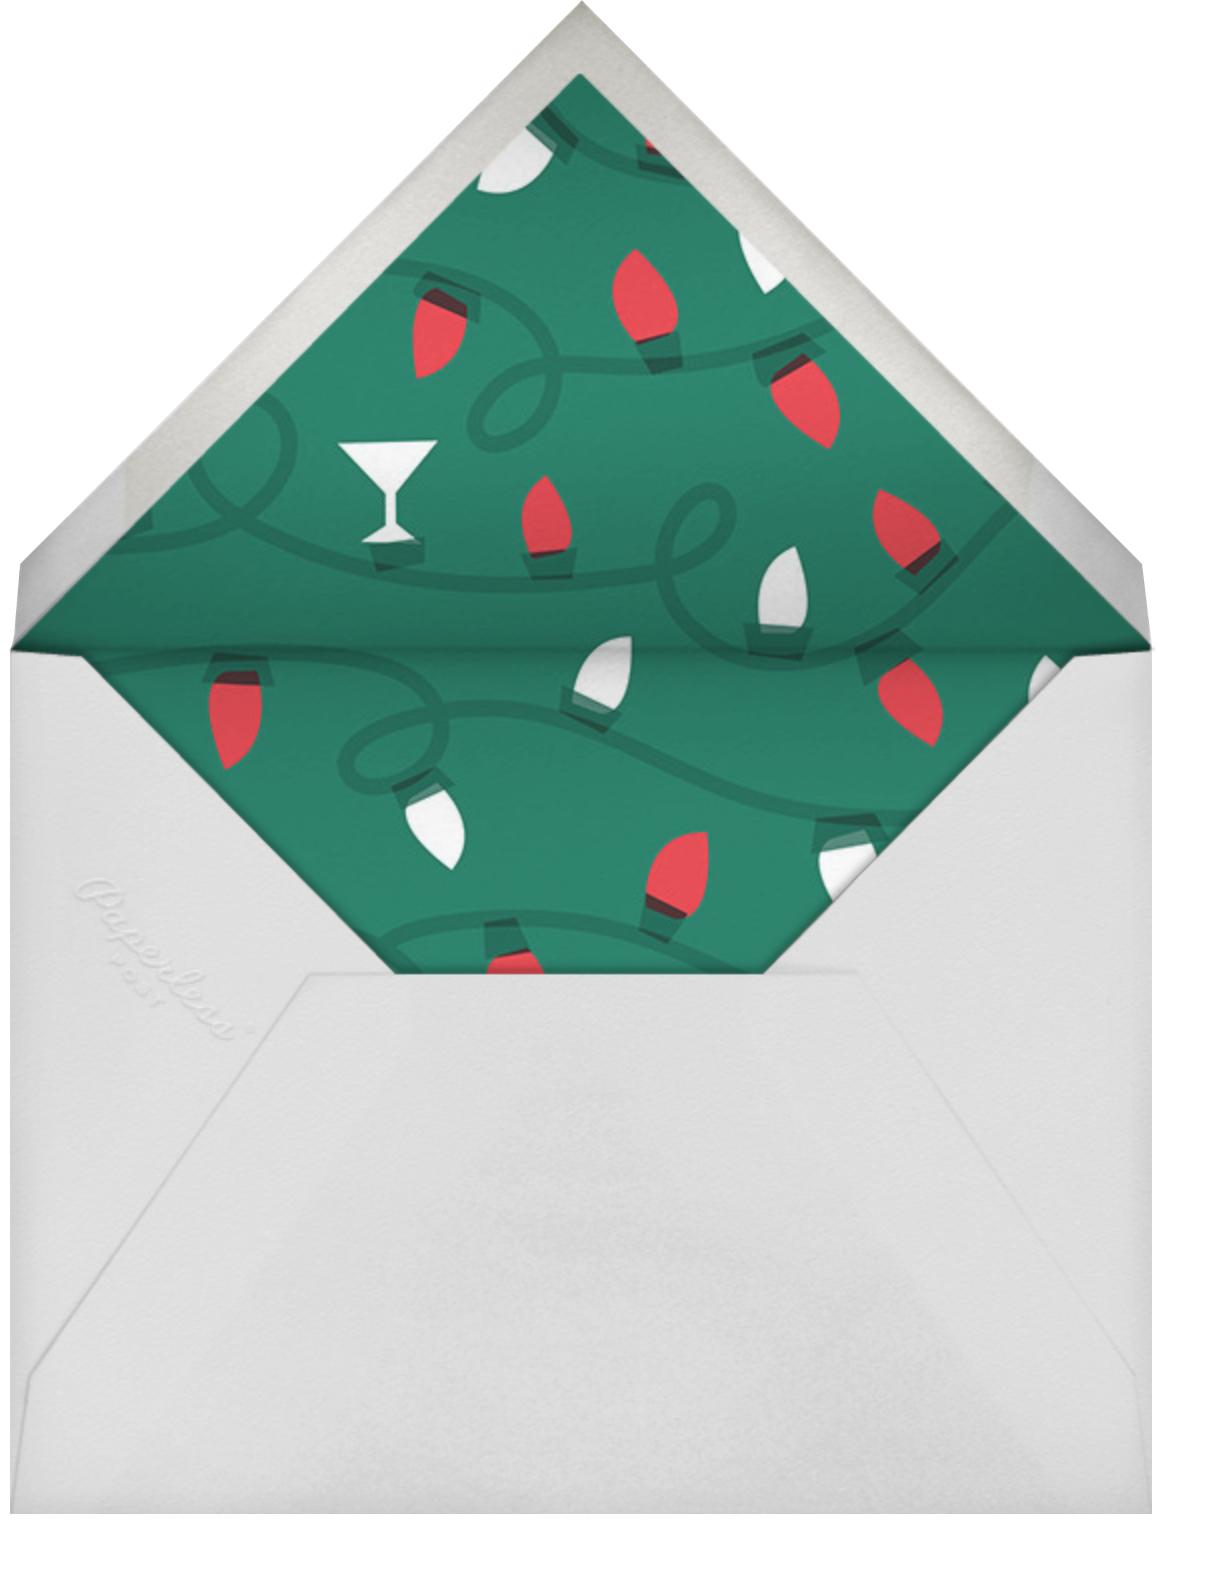 Sip Sip Hooray - Cheree Berry - Adult birthday - envelope back